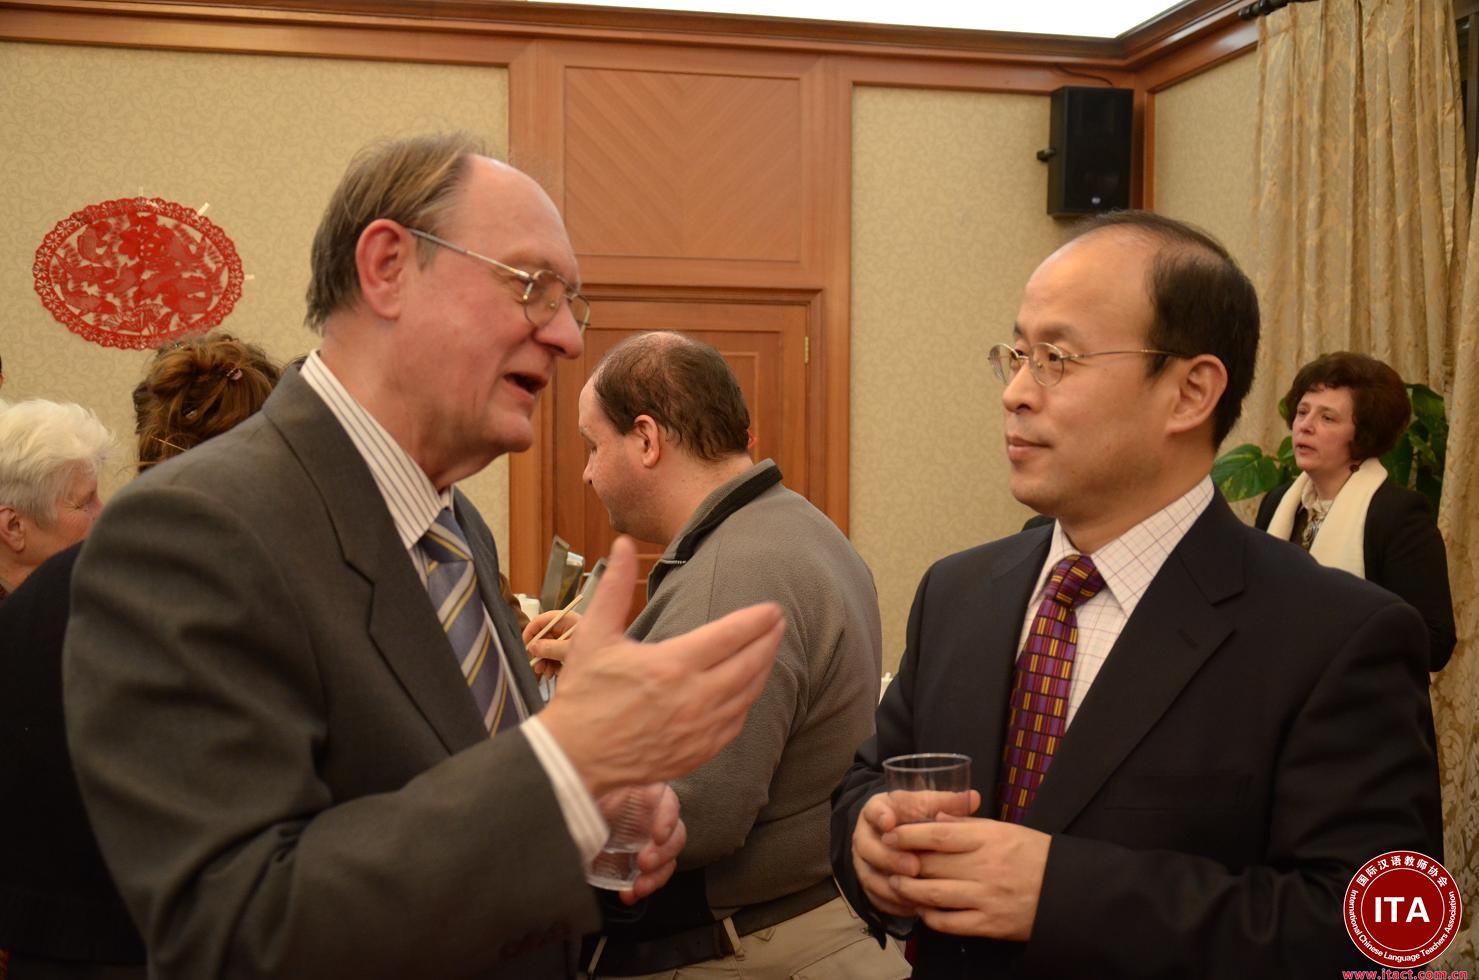 """""""'一带一路'倡议是中国与各国之间开展合作的新方法,是用一种互利的方式去进行合作,""""在匈牙利罗兰大学文学院""""一带一路""""研究中心成立之际,该研究中心主任、汉学家伊姆雷·豪毛尔(中文名:郝清新)近日接受新华社记者专访时如是说。    作为匈牙利汉学界知名学者,除了""""一带一路""""研究中心主任外,郝清新还身兼多职:罗兰大学文学院副院长、远东学院院长、中文系主任以及孔子学院院长。""""一带一路""""研究中心的成立就源于他本人的倡议。     郝清新说,成立""""一带一路""""研究中心获得罗兰大学的大力支持,""""相关的研究不仅涉及到中文系、阿拉伯语系、土耳其语系和蒙古语系,而且和古丝绸之路研究联系密切,我们希望各方面专家一起参与""""。    """"'一带一路'是现代的,丝绸之路是古代的,""""他说,""""我们不仅要研究'一带一路',同时也依靠现有的良好学术传统,从现代的角度去探究古丝绸之路。""""    郝清新介绍,匈牙利一直重视中亚地区的研究,这一领域的许多学者都出自罗兰大学。匈牙利民族认为自己来自于亚洲,曾有许多匈牙利学者去中亚寻根。""""懂土耳其语、维吾尔语等语言的人在罗兰大学也不少,罗兰大学的相关专家甚至比西方大学的专家还要多。这是我们的长处,我觉得完全可以和'一带一路'研究结合起来,我们可以作出自己的贡献,""""他说。    据介绍,罗兰大学和匈牙利塞格德大学正在向匈牙利科学院申请科研项目,专门研究""""一带一路""""和丝绸之路课题。项目组一旦成立,将汇集近10名科研人员,包括考古学家,以及土耳其语、藏语和维吾尔语等语言专家。郝清新透露,项目组在5年之内拿出成果即可向匈牙利科学院申请进一步资助。    谈到""""一带一路""""建设对于匈牙利的意义,郝清新指出,""""一带一路""""会使匈中两国间的政治、经济、文化和教育关系更加密切。郝清新尤其对两国在教育领域的合作前景充满期待。他说,匈牙利欢迎更多中国学生来罗兰大学等匈牙利高校读书,也希望有更多匈牙利学生去中国学习语言和专业知识。"""